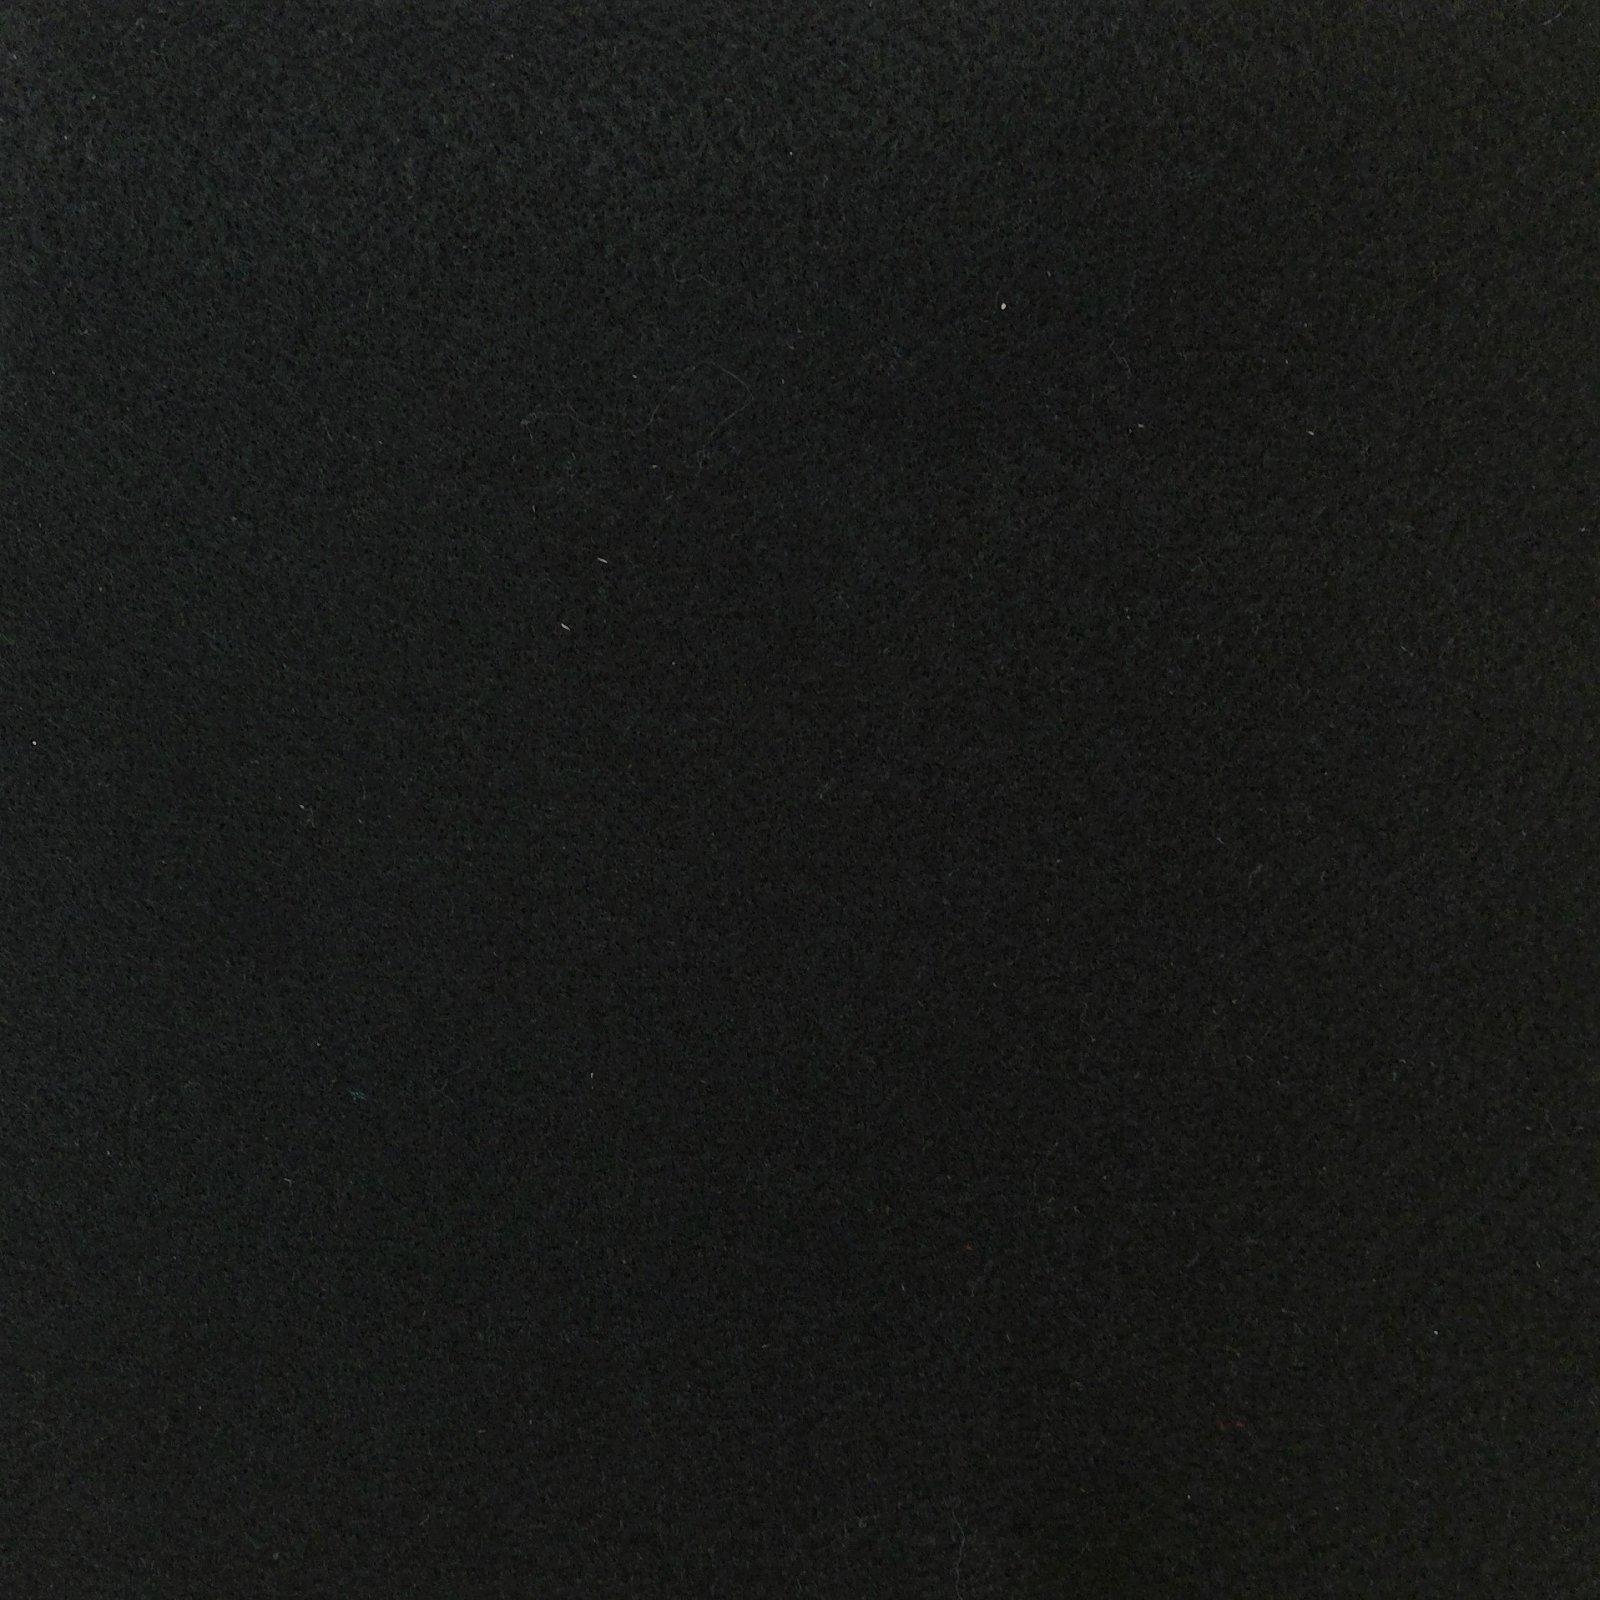 Felt 100% Acrylic, Black